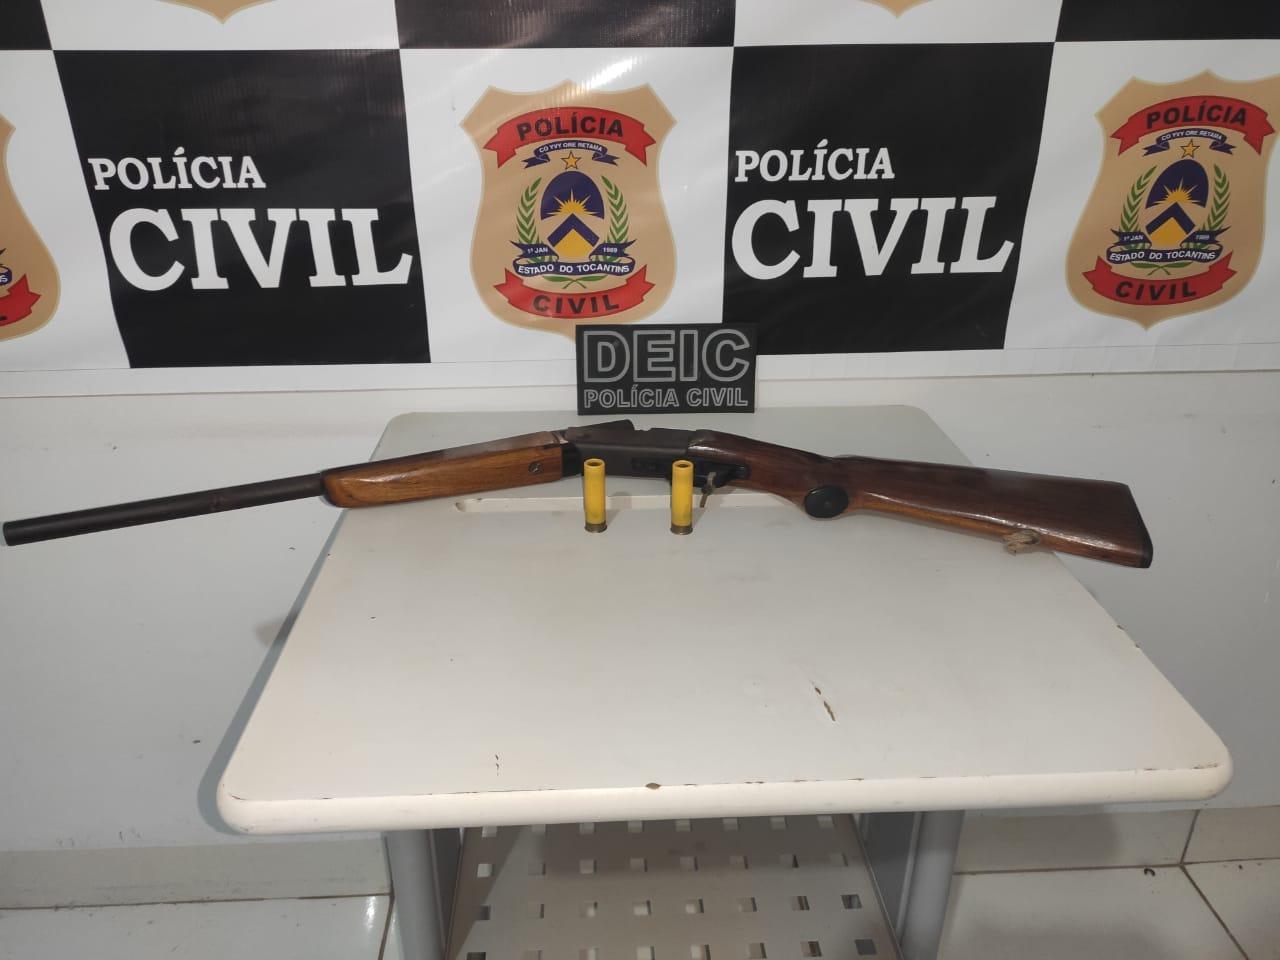 Homem investigado pela Polícia Civil por maus tratos é preso por posse irregular de arma de fogo no Sul do Estado